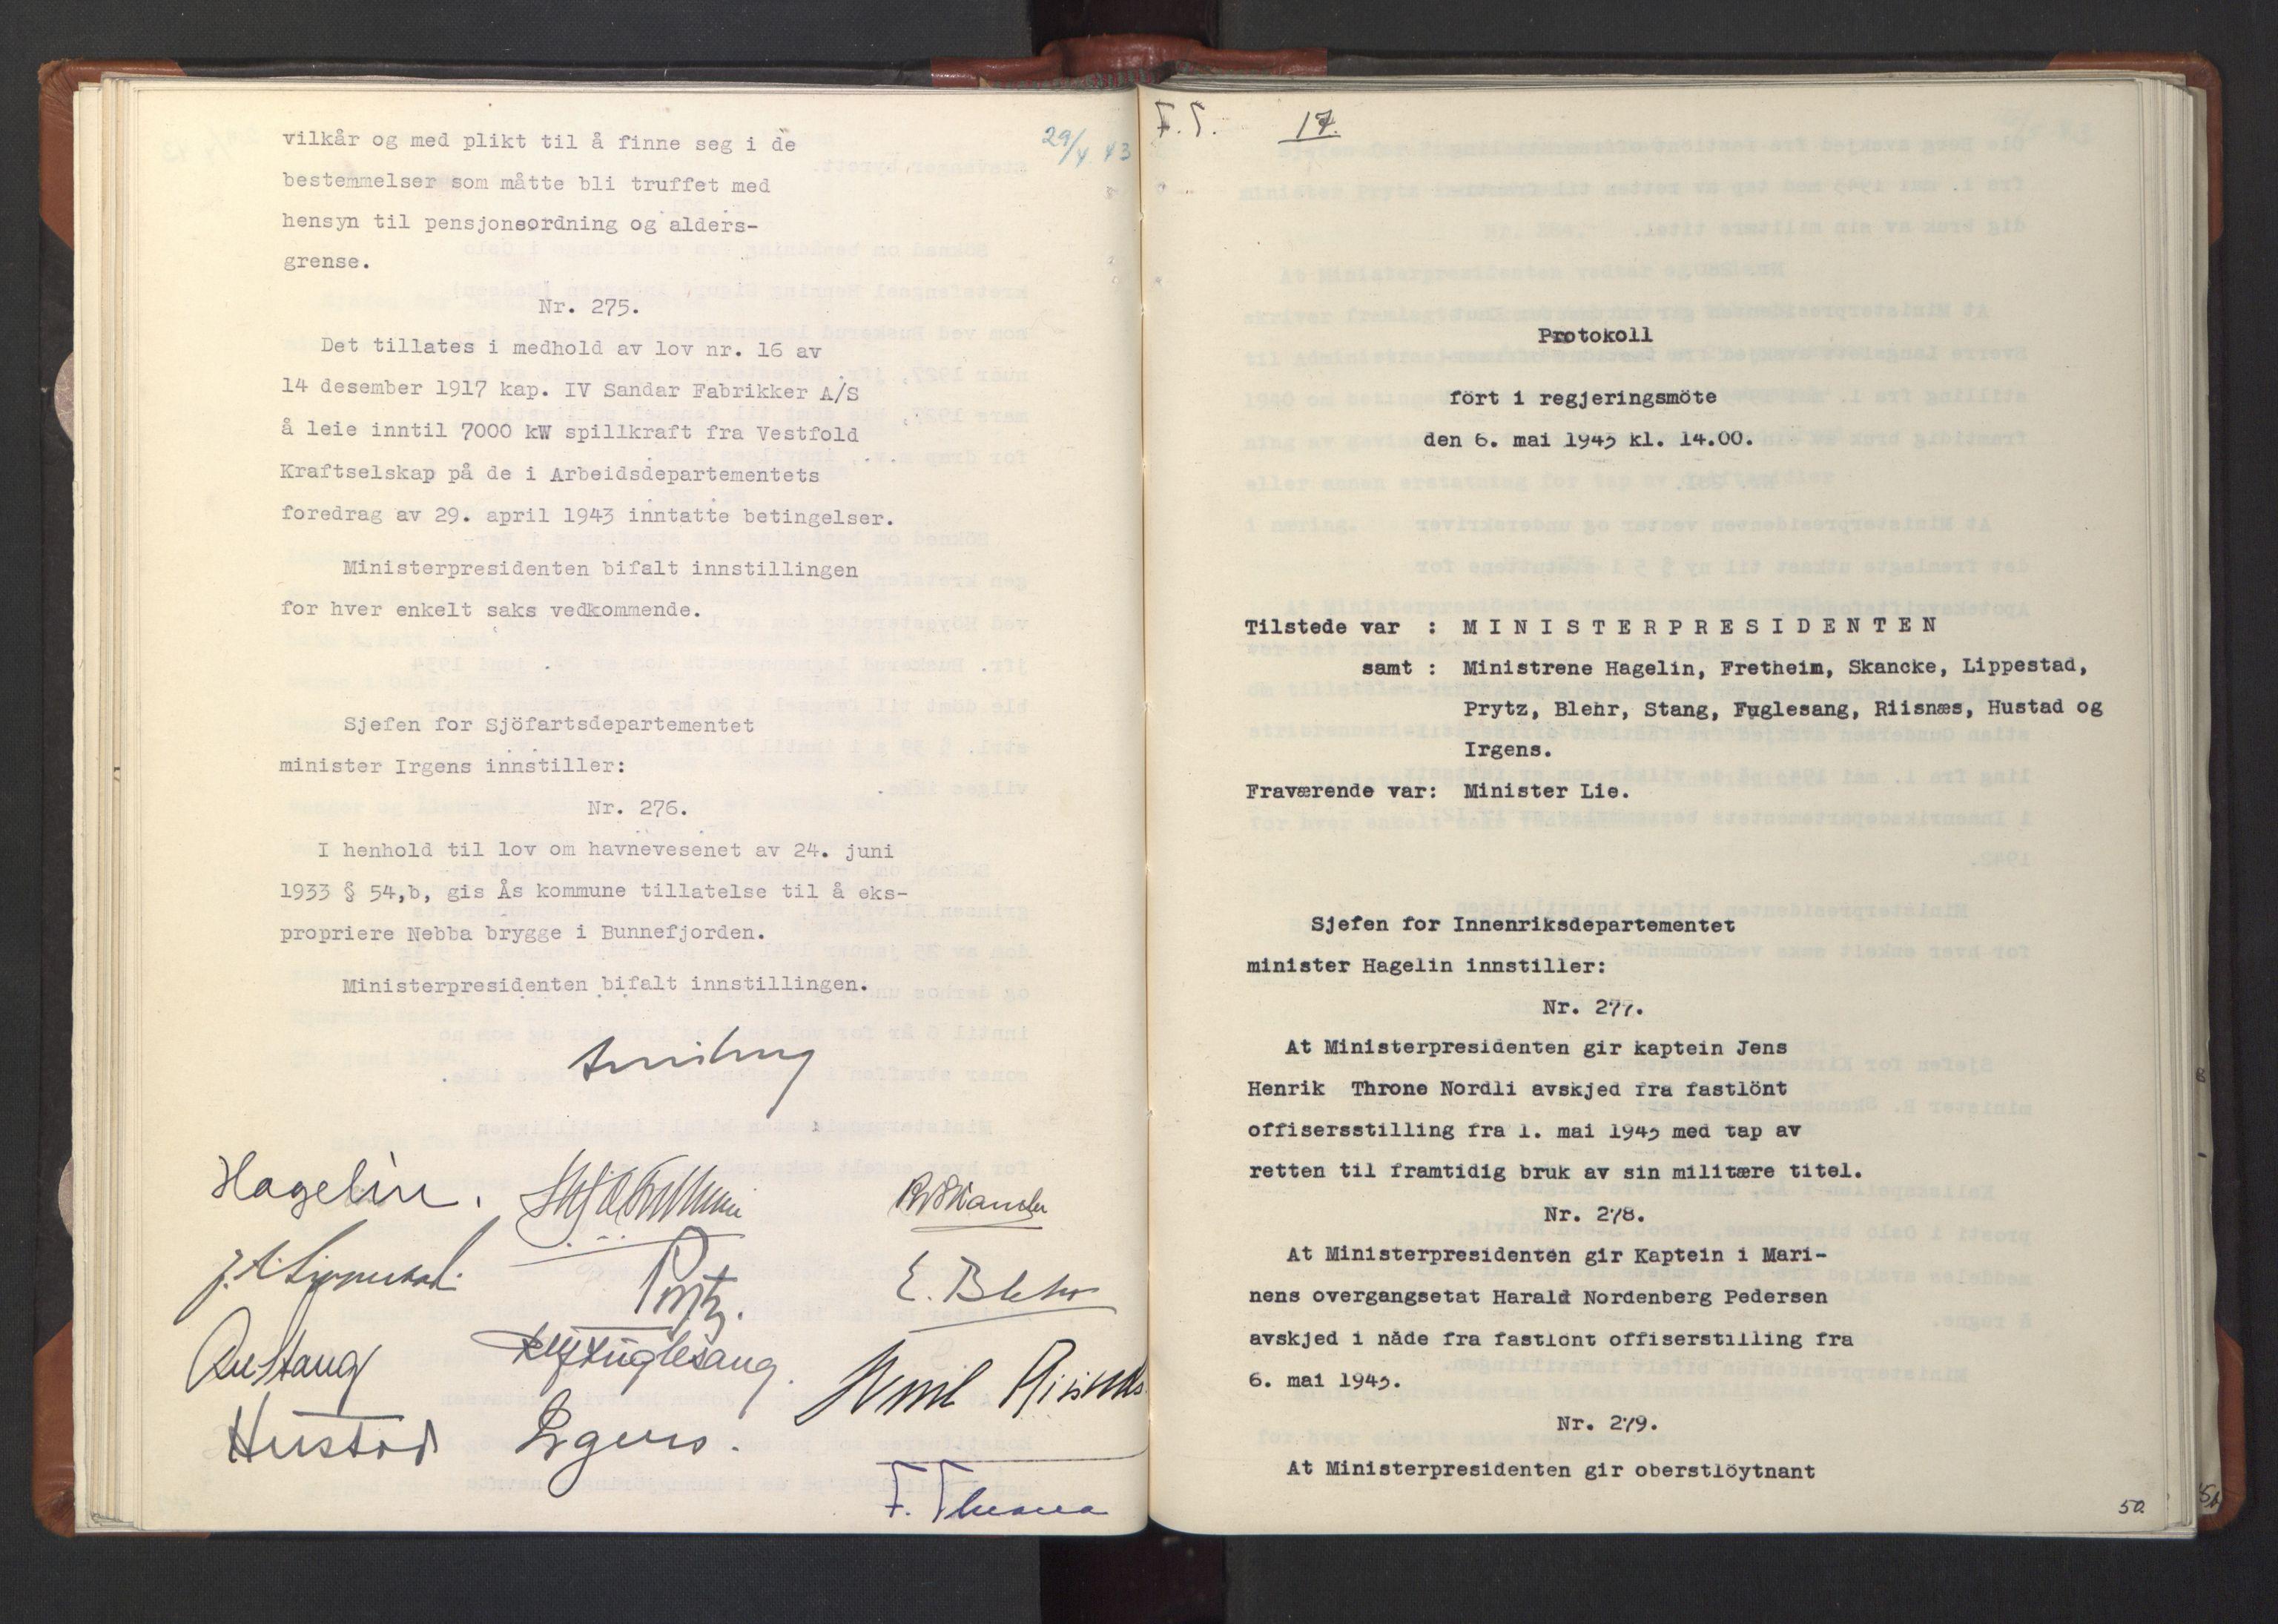 RA, NS-administrasjonen 1940-1945 (Statsrådsekretariatet, de kommisariske statsråder mm), D/Da/L0003: Vedtak (Beslutninger) nr. 1-746 og tillegg nr. 1-47 (RA. j.nr. 1394/1944, tilgangsnr. 8/1944, 1943, s. 49b-50a